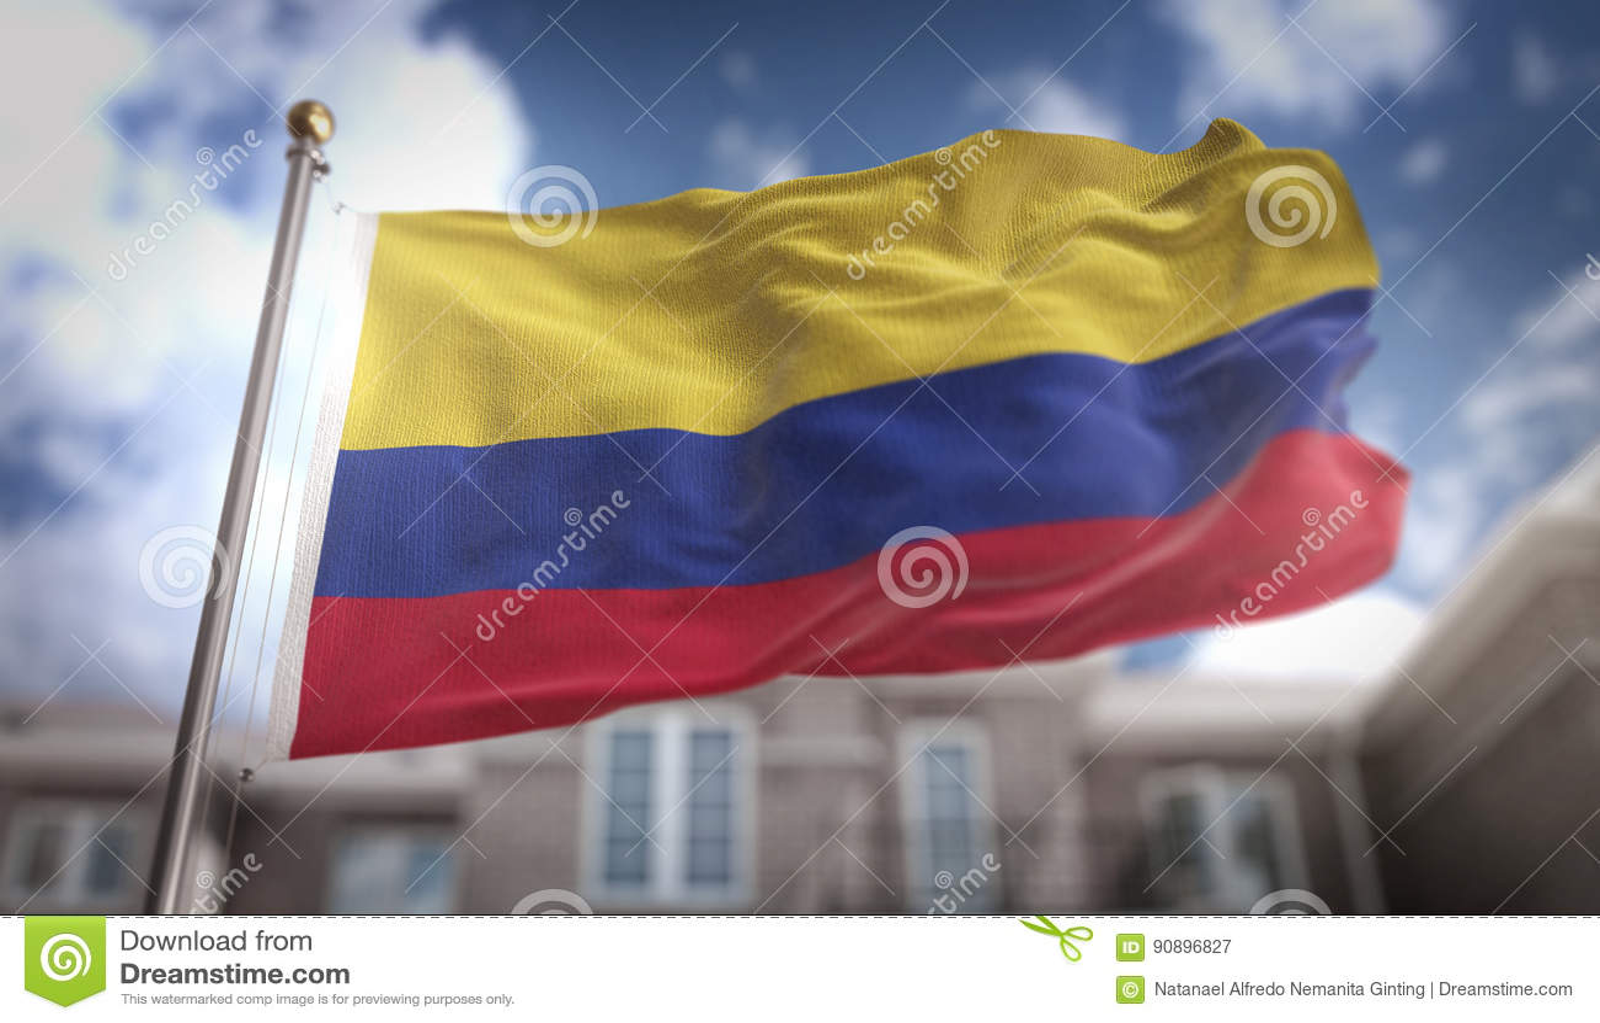 哥伦比亚在蓝天大厦背景的旗子3D翻译